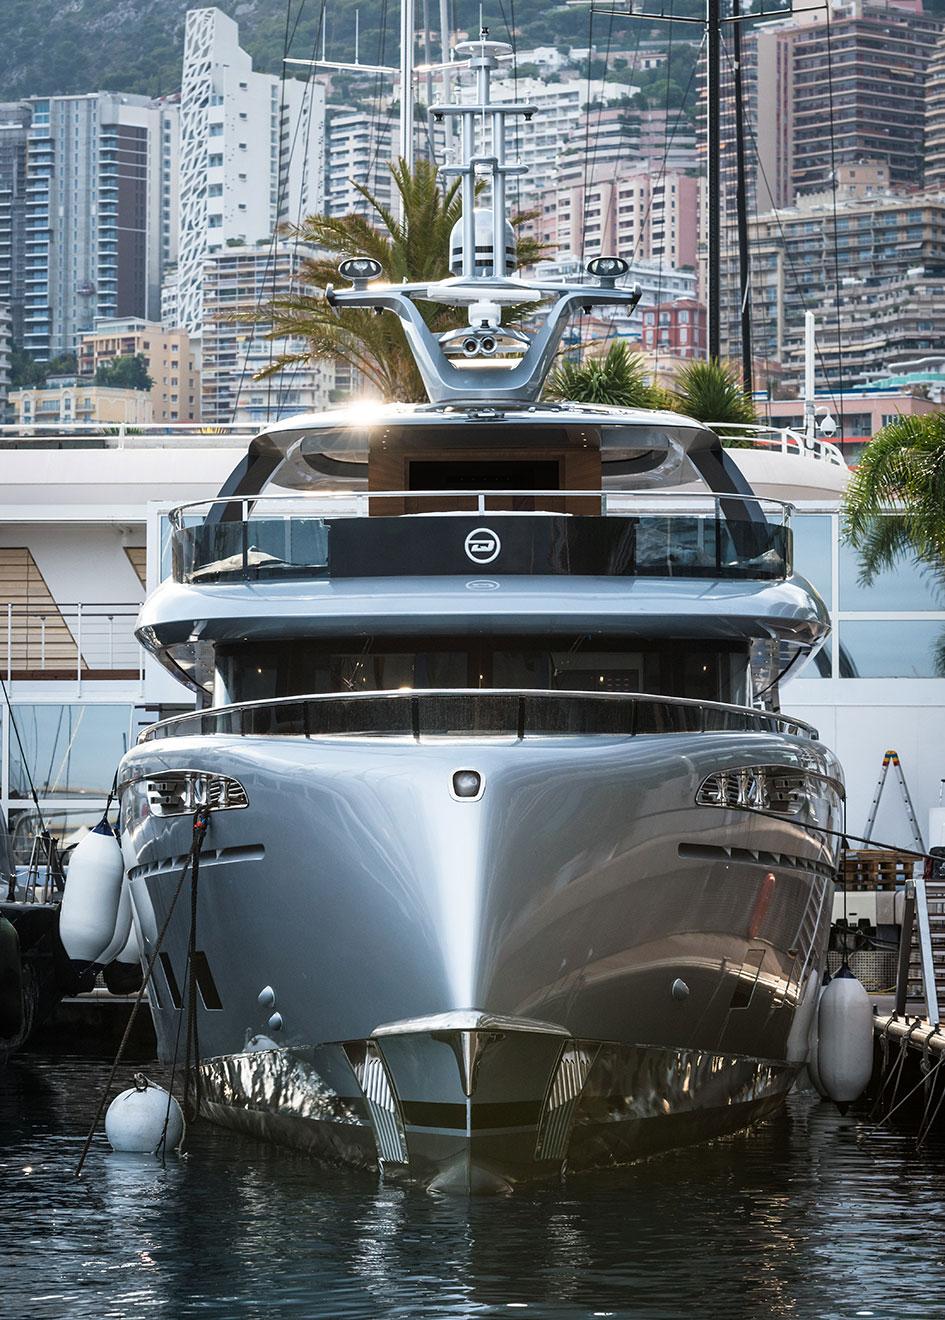 the-bow-of-the-dynamiq-superyacht-gtt-115